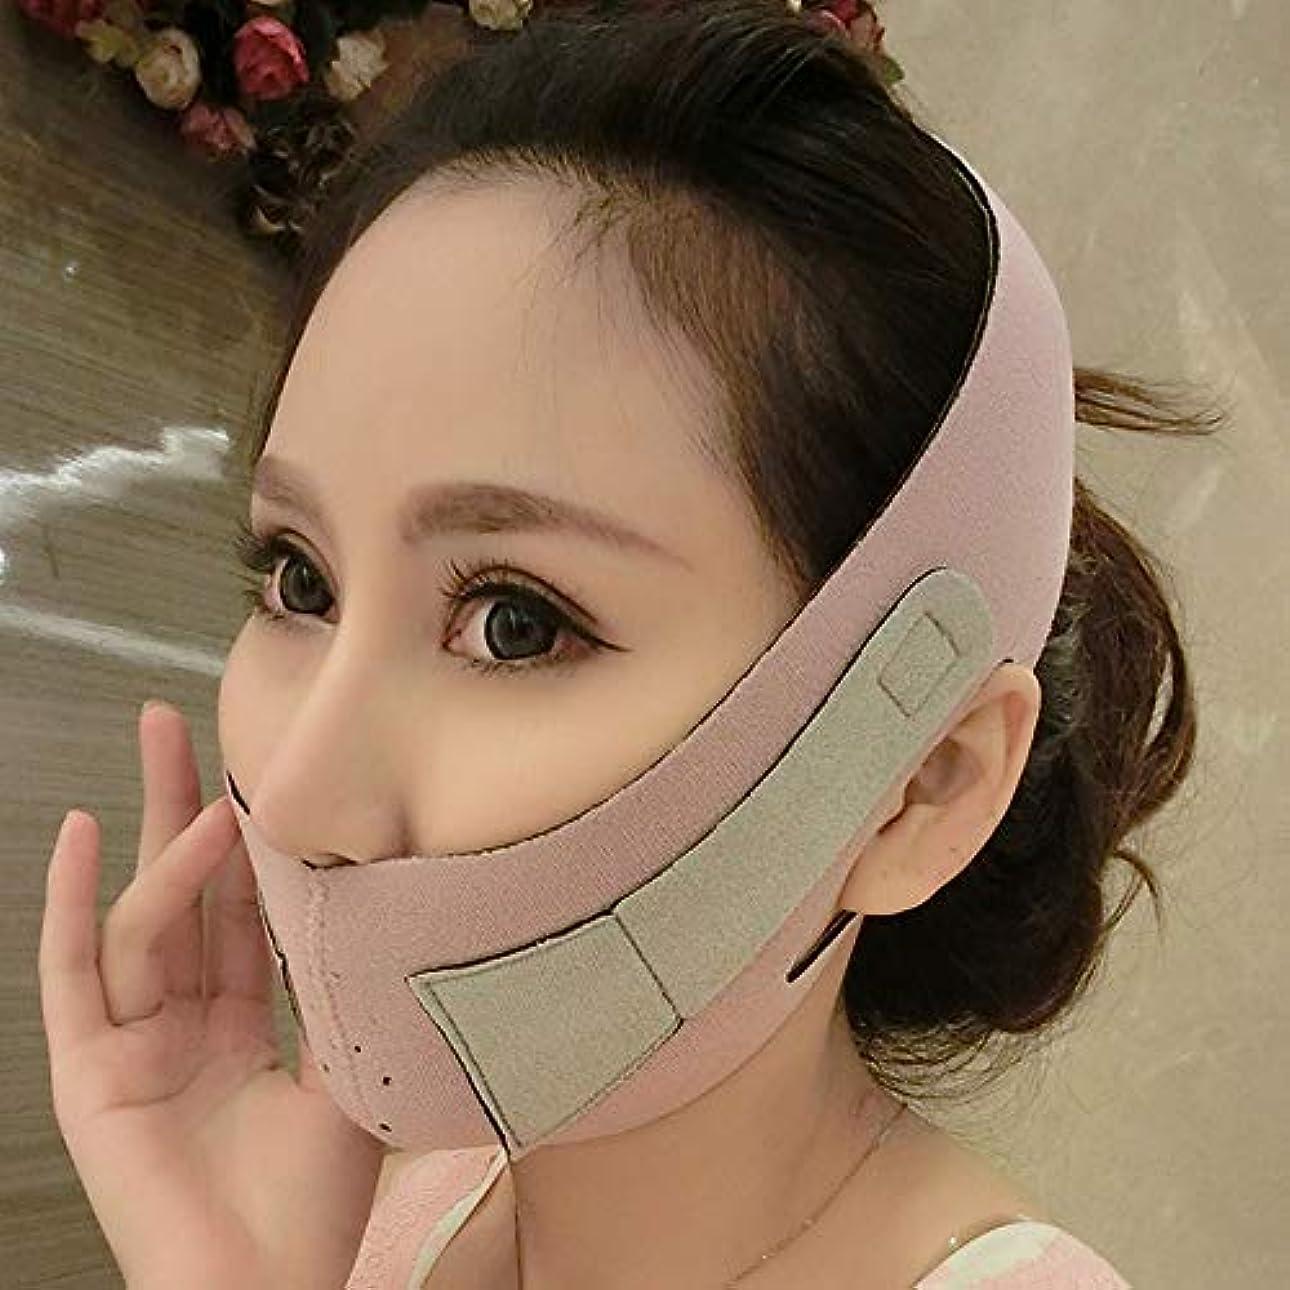 歯科医社会ボリュームシンフェイス包帯シンフェイスマスクフェイスリフトアーティファクトレイズVフェイスシンフェイスフェイスリフティング美容マスク小フェイス包帯 (色 : B)